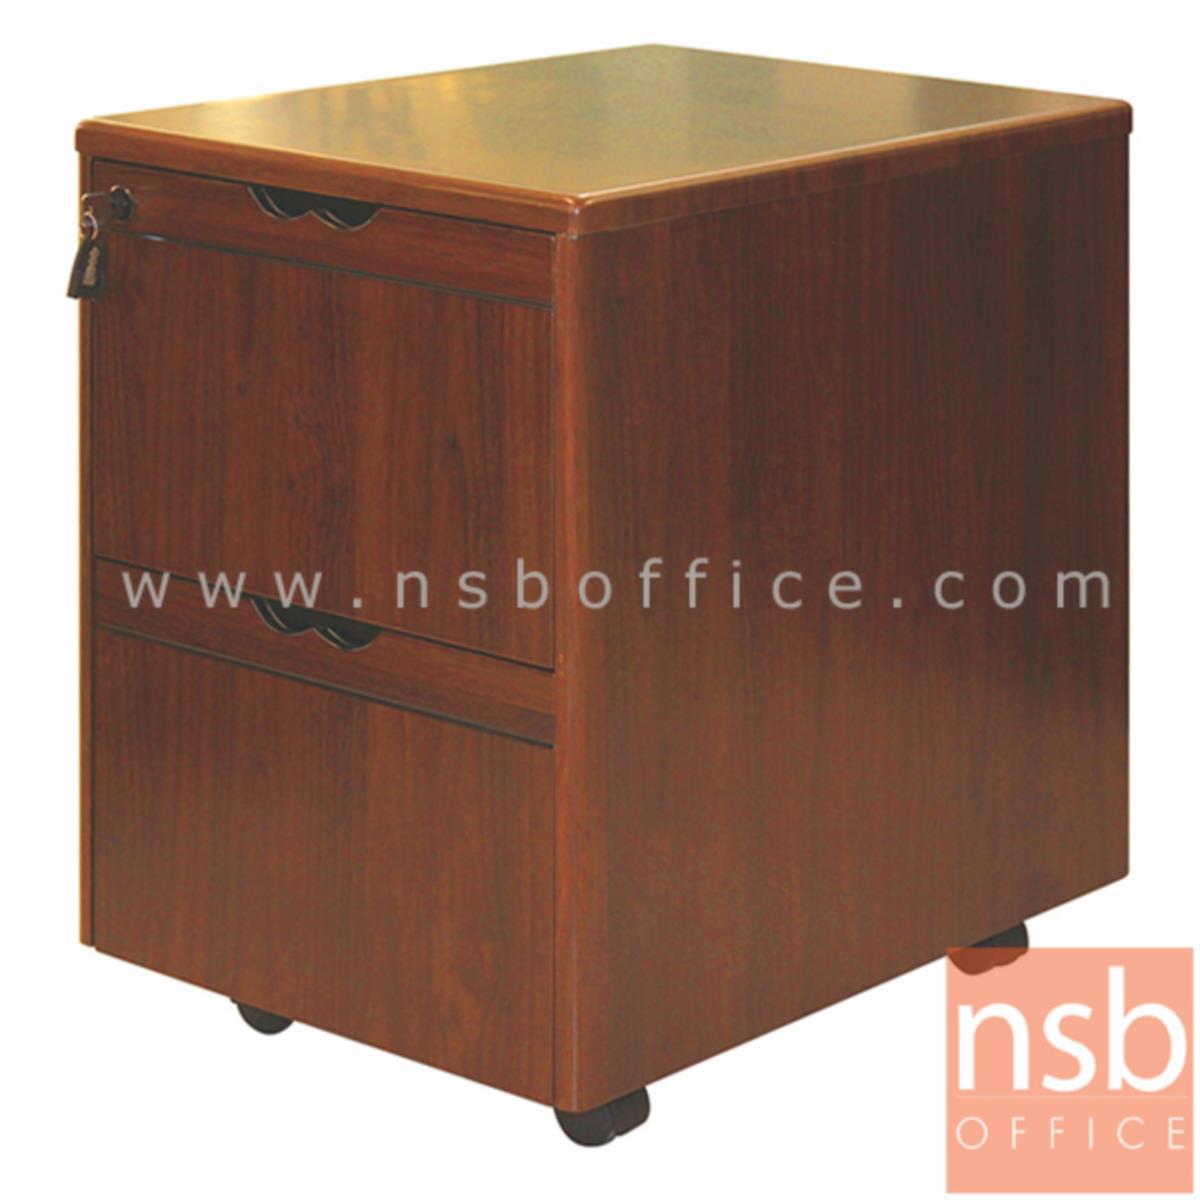 โต๊ะผู้บริหารตัวแอล  รุ่น FELICY ขนาด 160W ,180W cm.  พร้อมโต๊ะลิ้นชักและตู้ข้าง